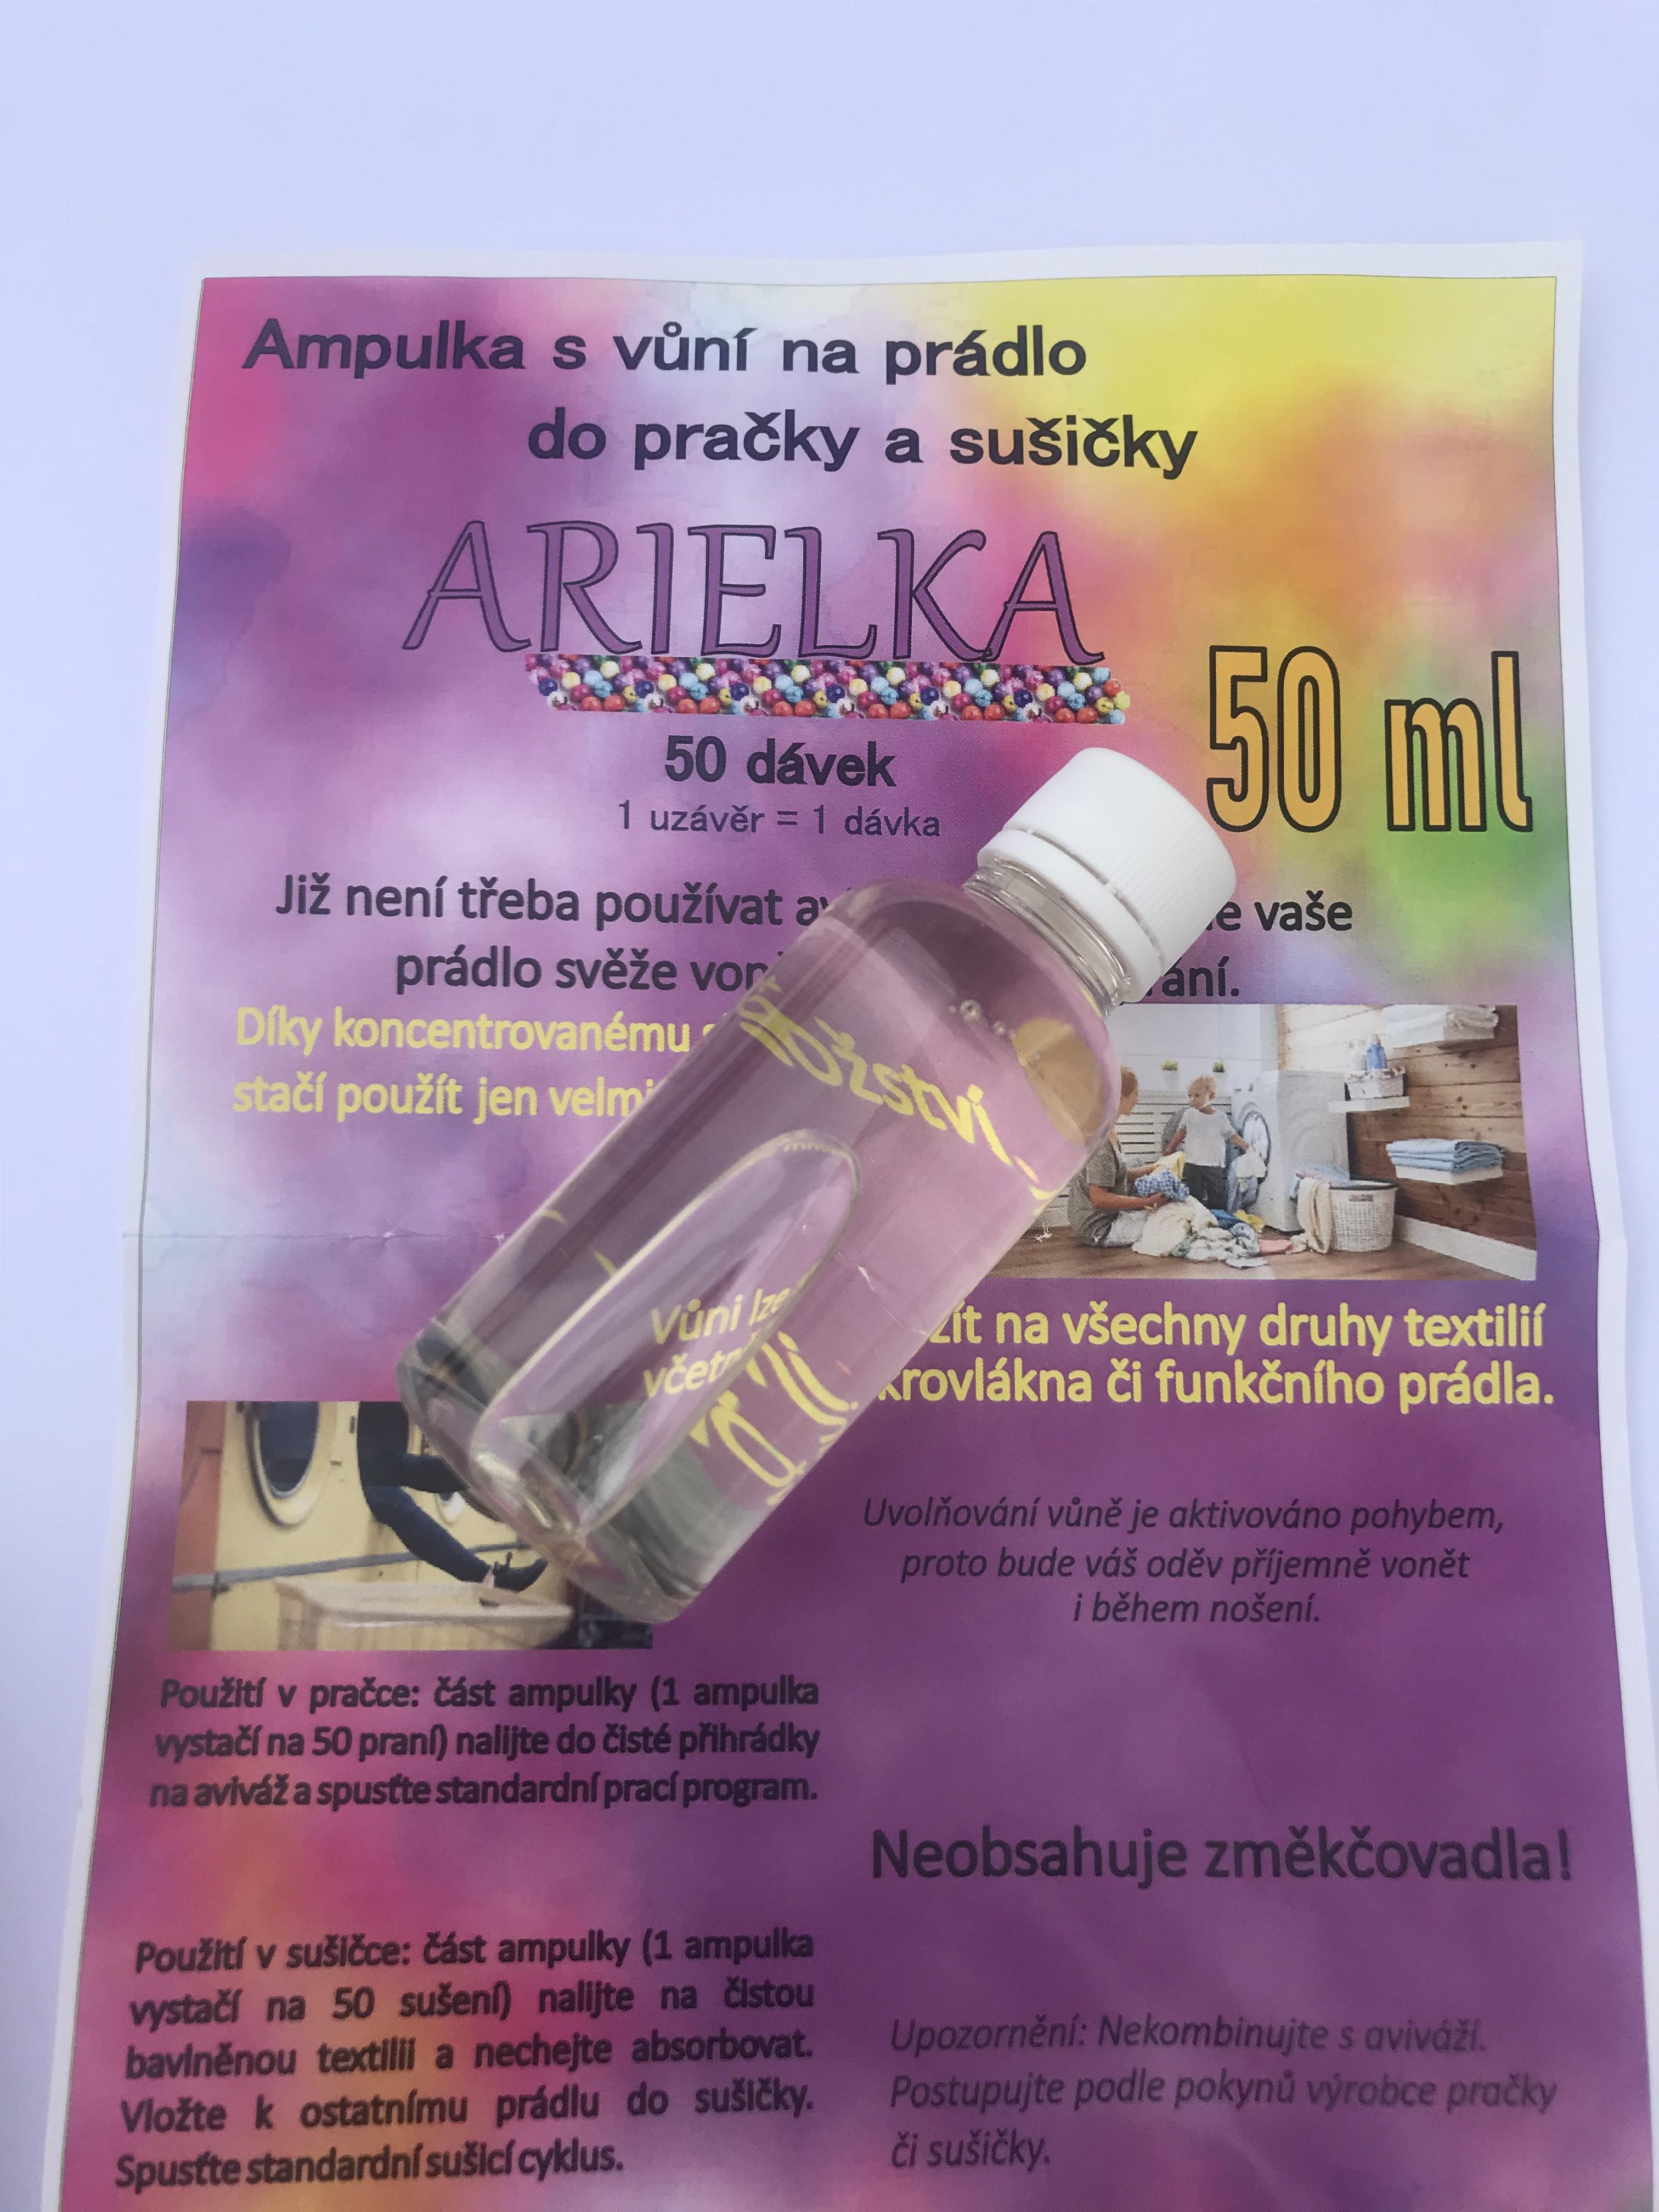 Arielka 50 dávek - Parfém na prádlo do pračky a sušičky 50 ml